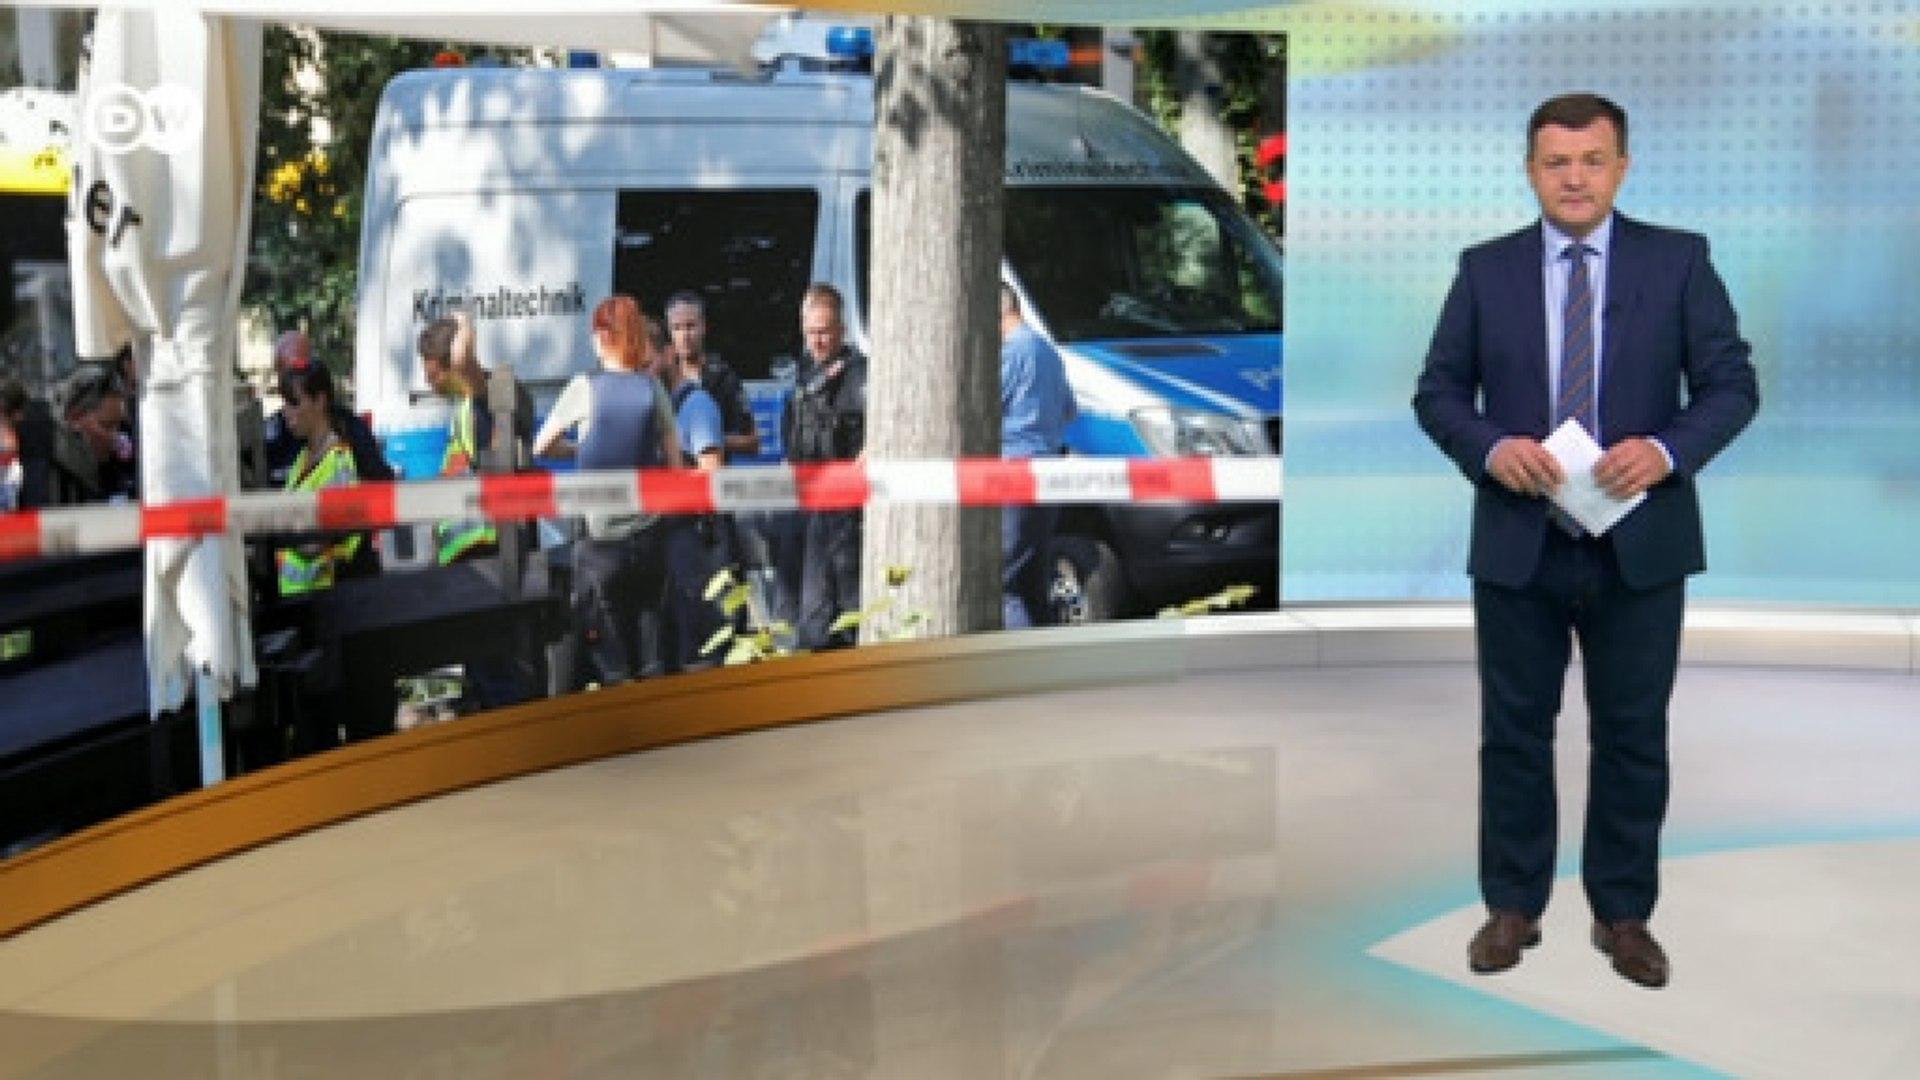 Убийство в Берлине и след к российским спецслужбам: новое дело Скрипаля? DW Новости (30.08.2019)